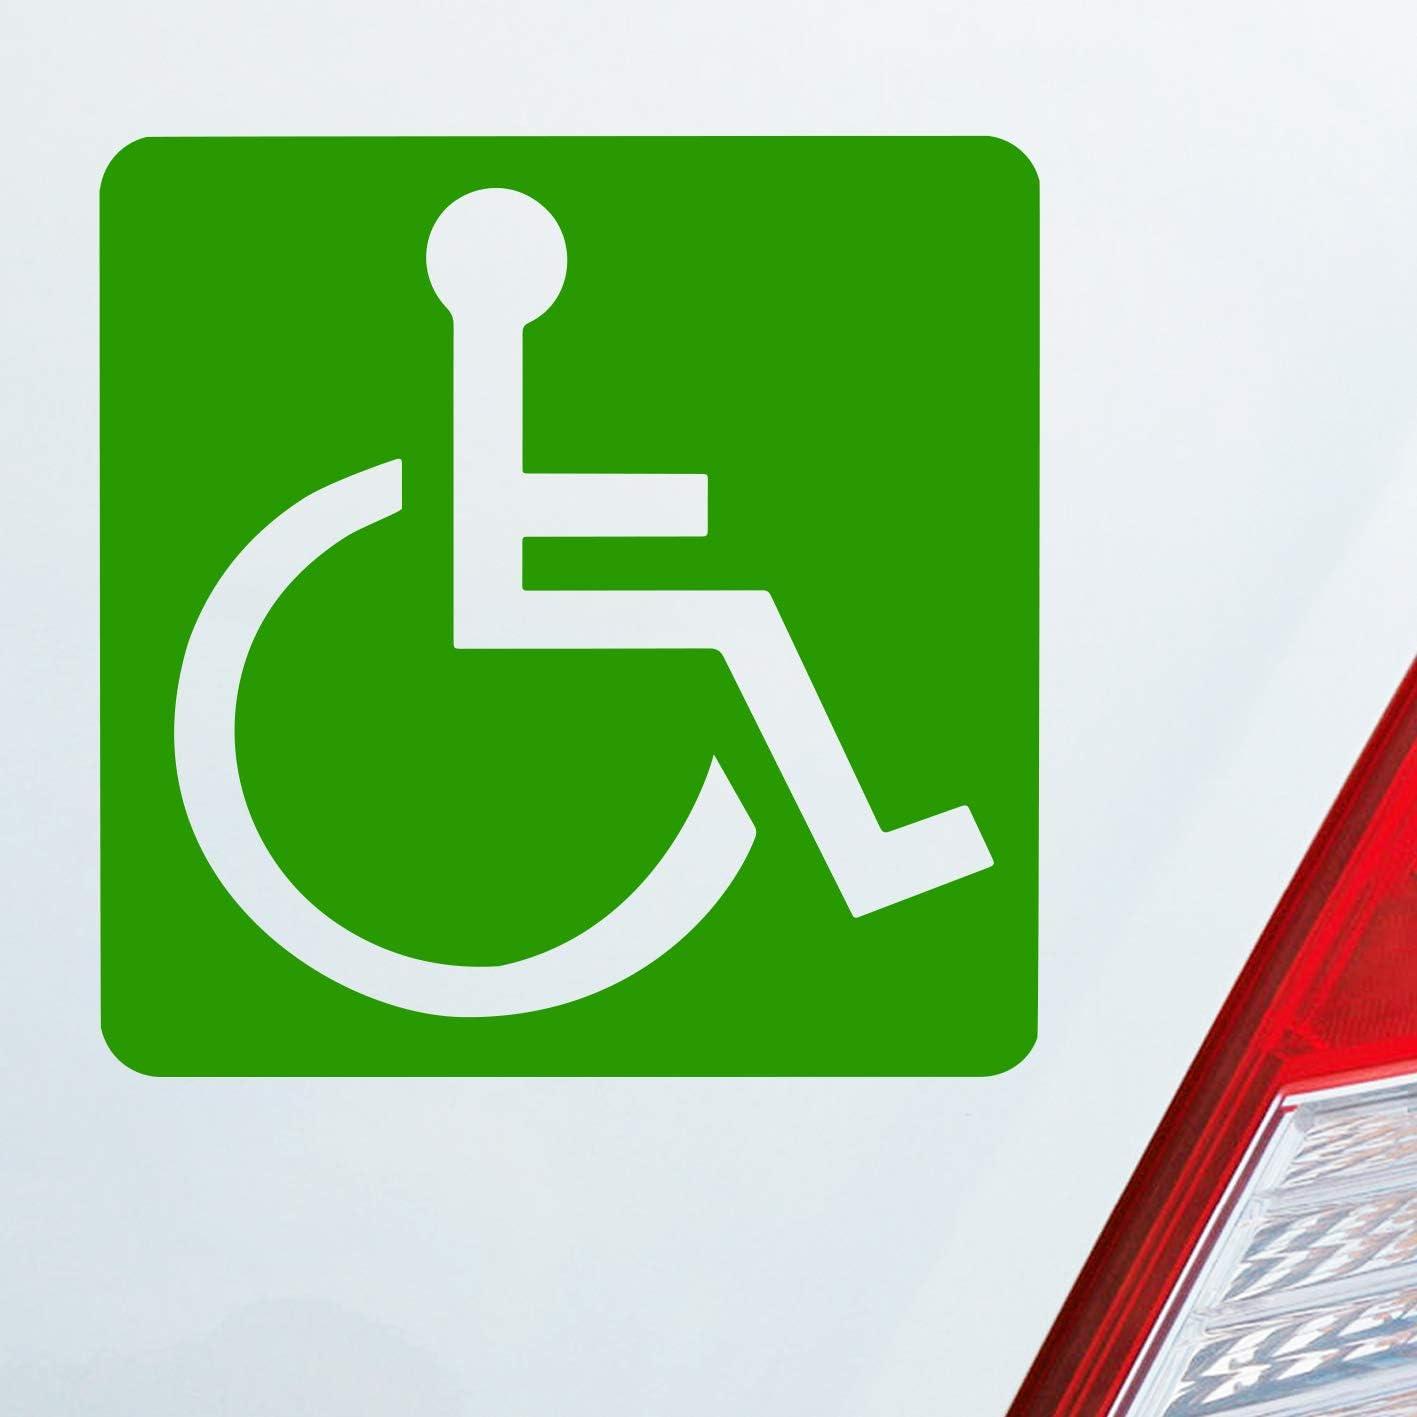 Auto Aufkleber In Deiner Wunschfarbe Rollstuhlfahrer Warnhinweis Rollstuhl 10 5x10 5cm Autoaufkleber Sticker Folie Auto